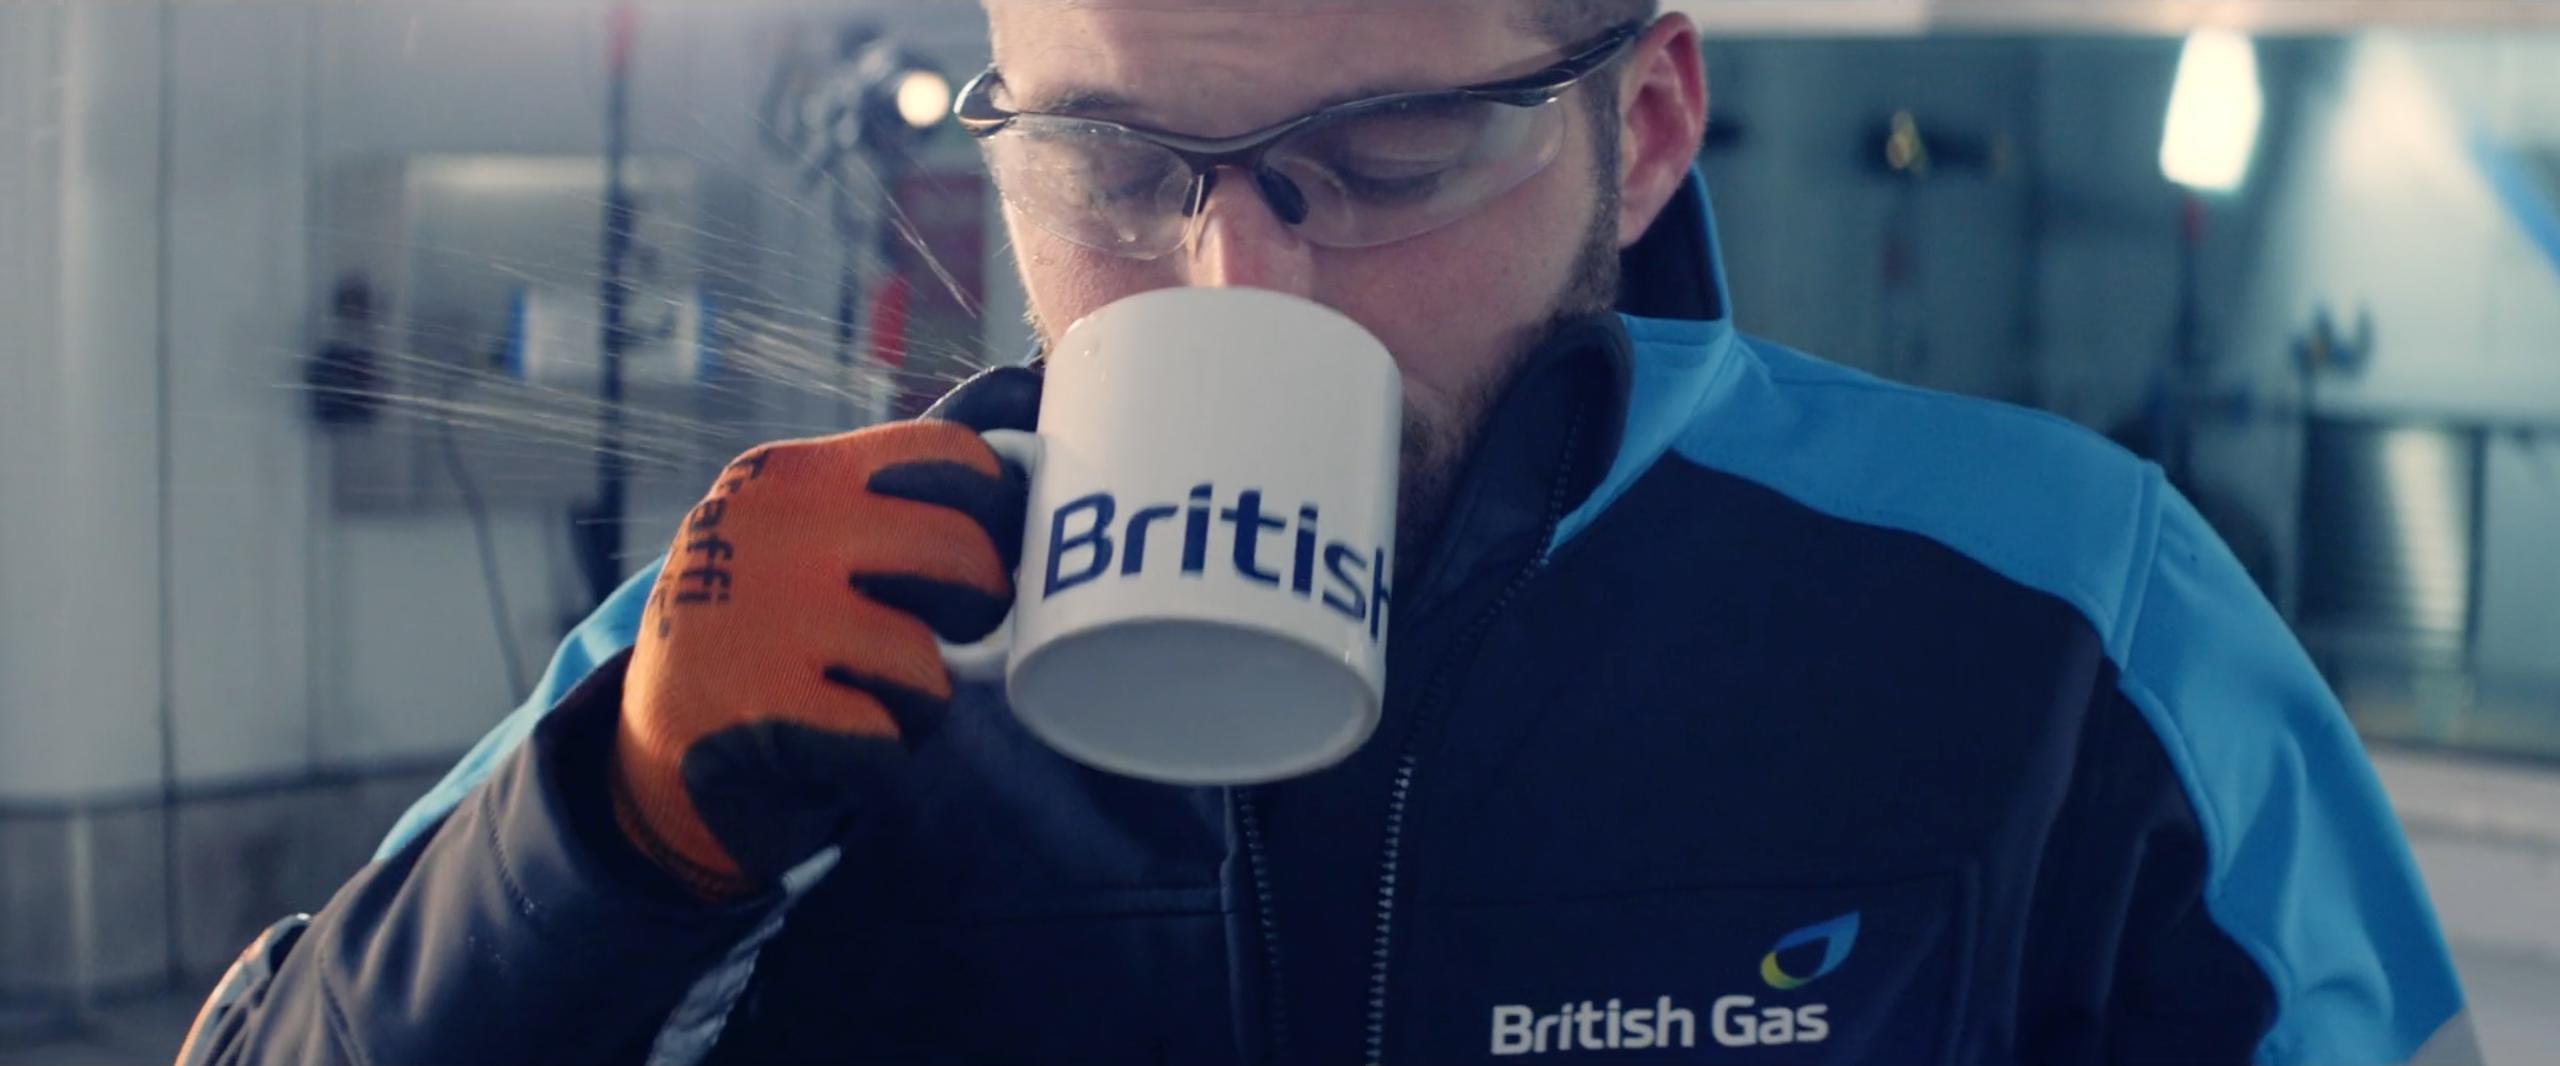 British Gas 9.png